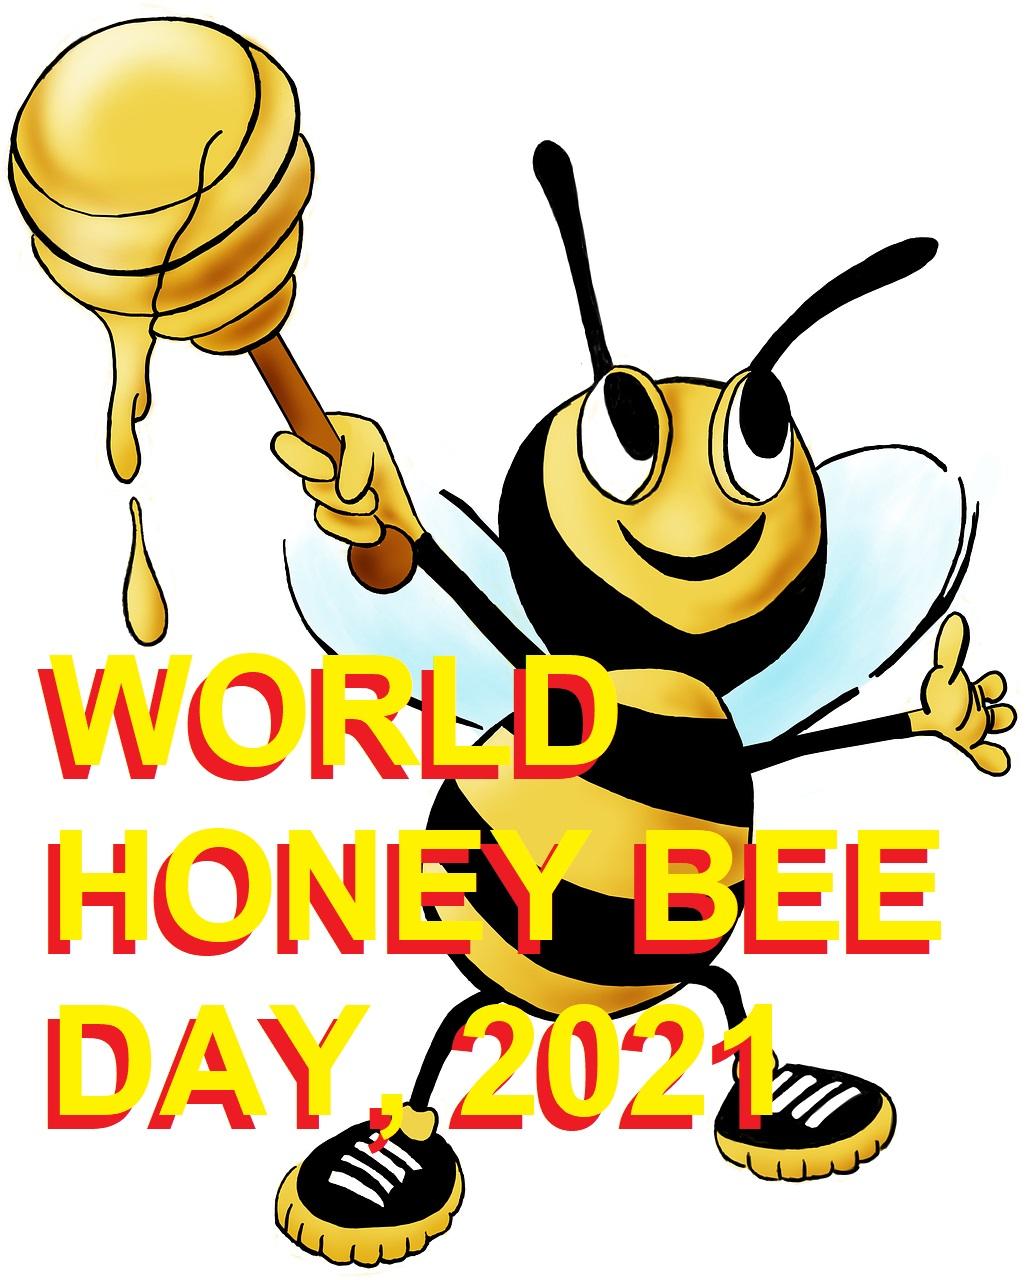 World Honey Bee Day, 2021